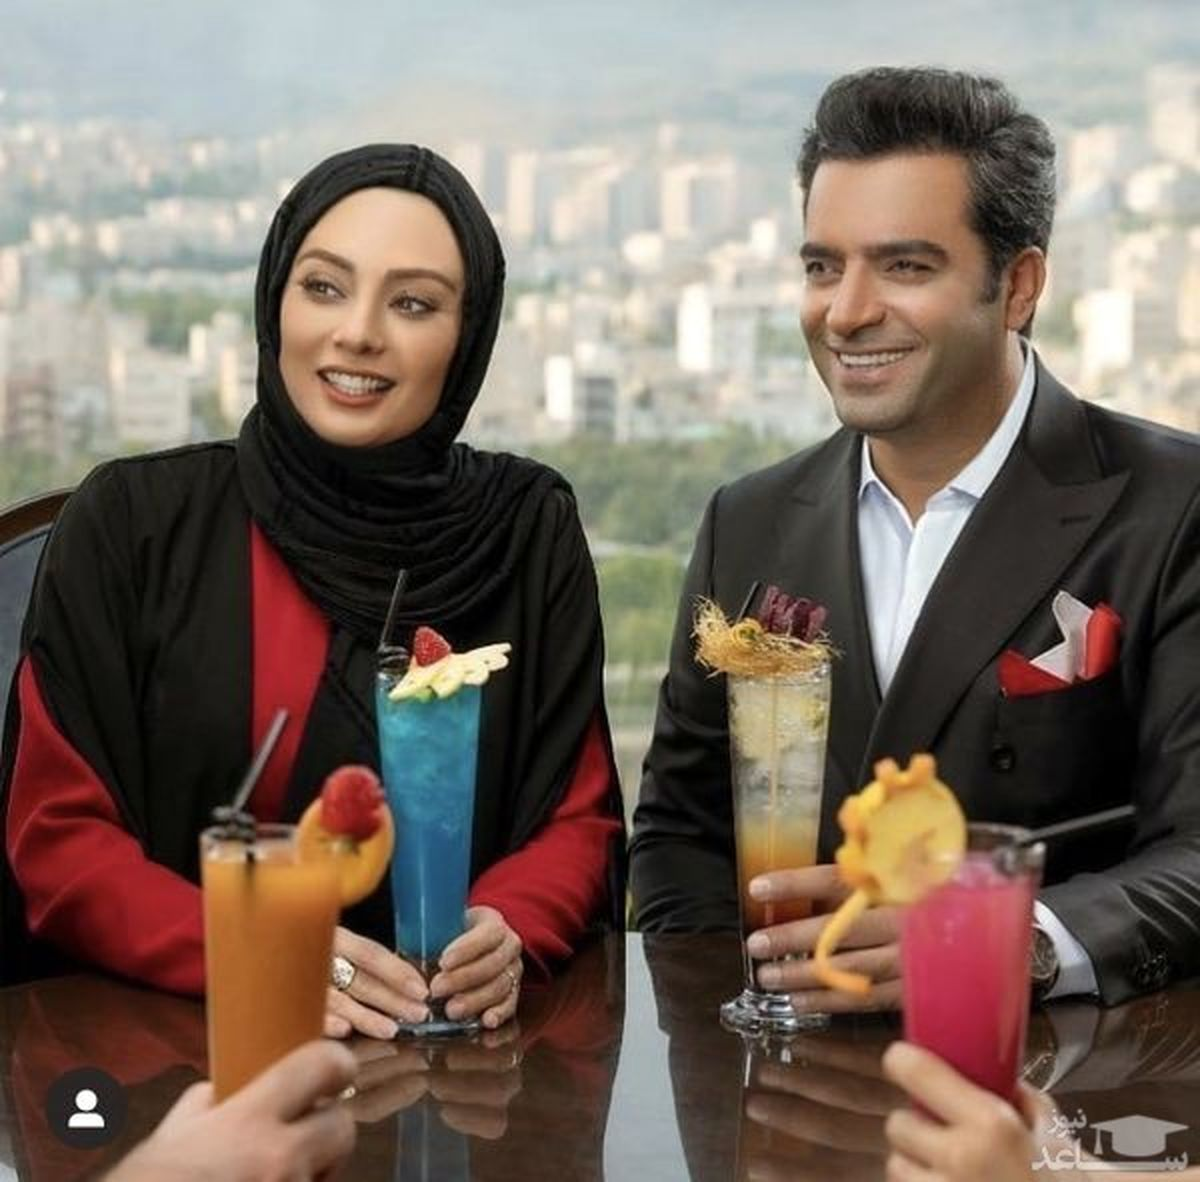 عکس جالب و دیده نشده از یکتا ناصر در فیلم رحمان 1400 + عکس